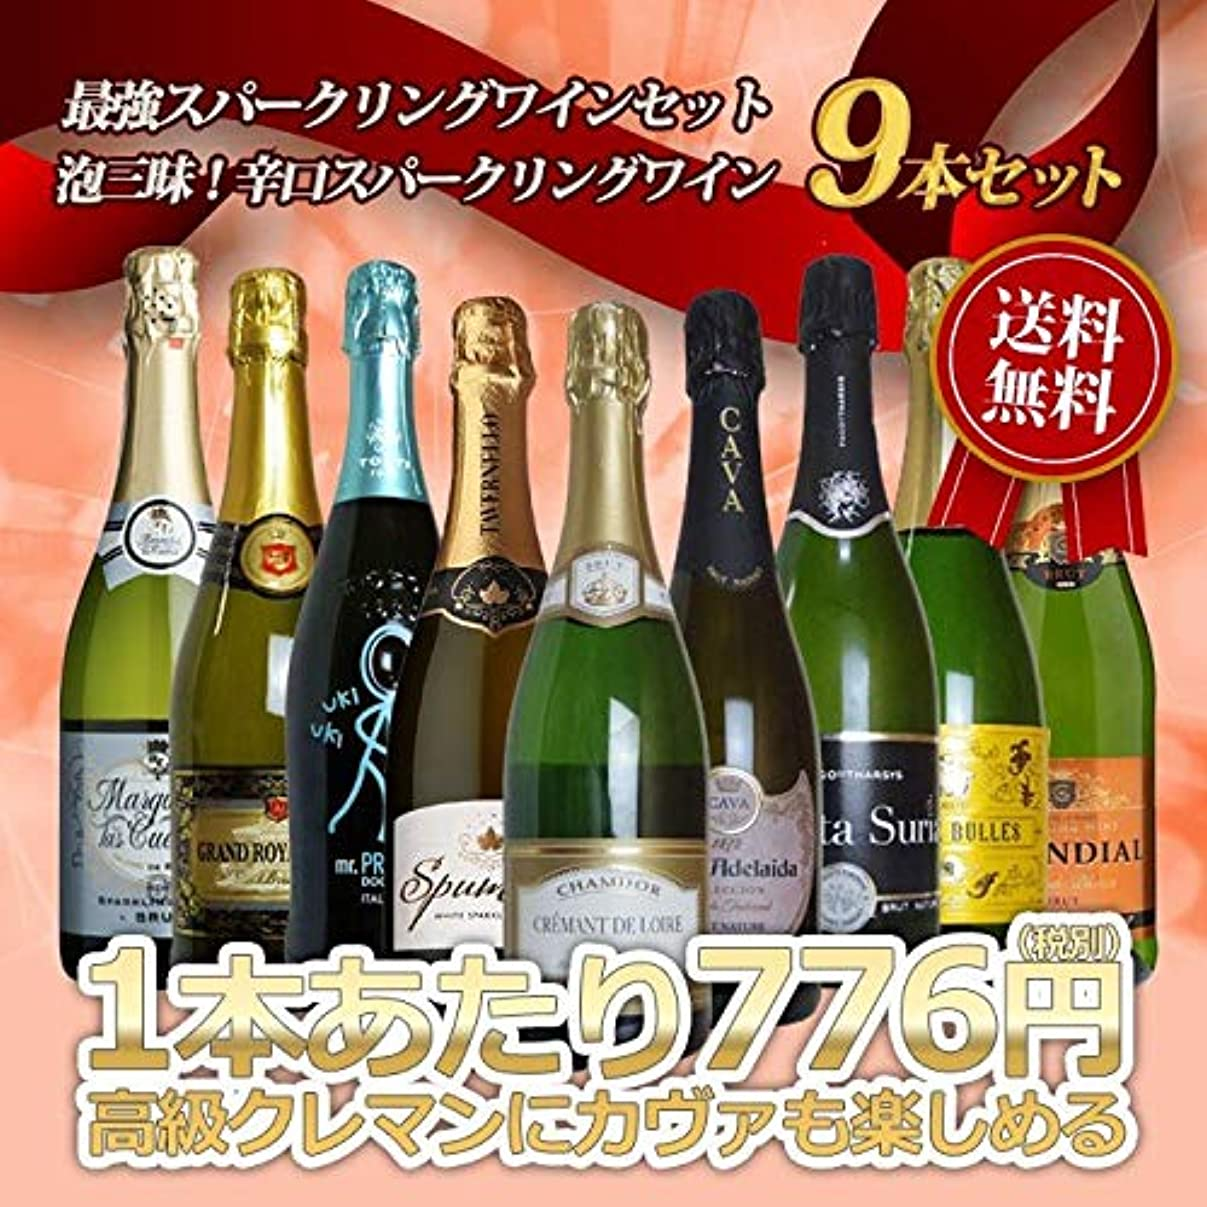 太平洋諸島ペイントコンチネンタル最強 辛口 スパークリングワイン 飲み比べ 9本 セット